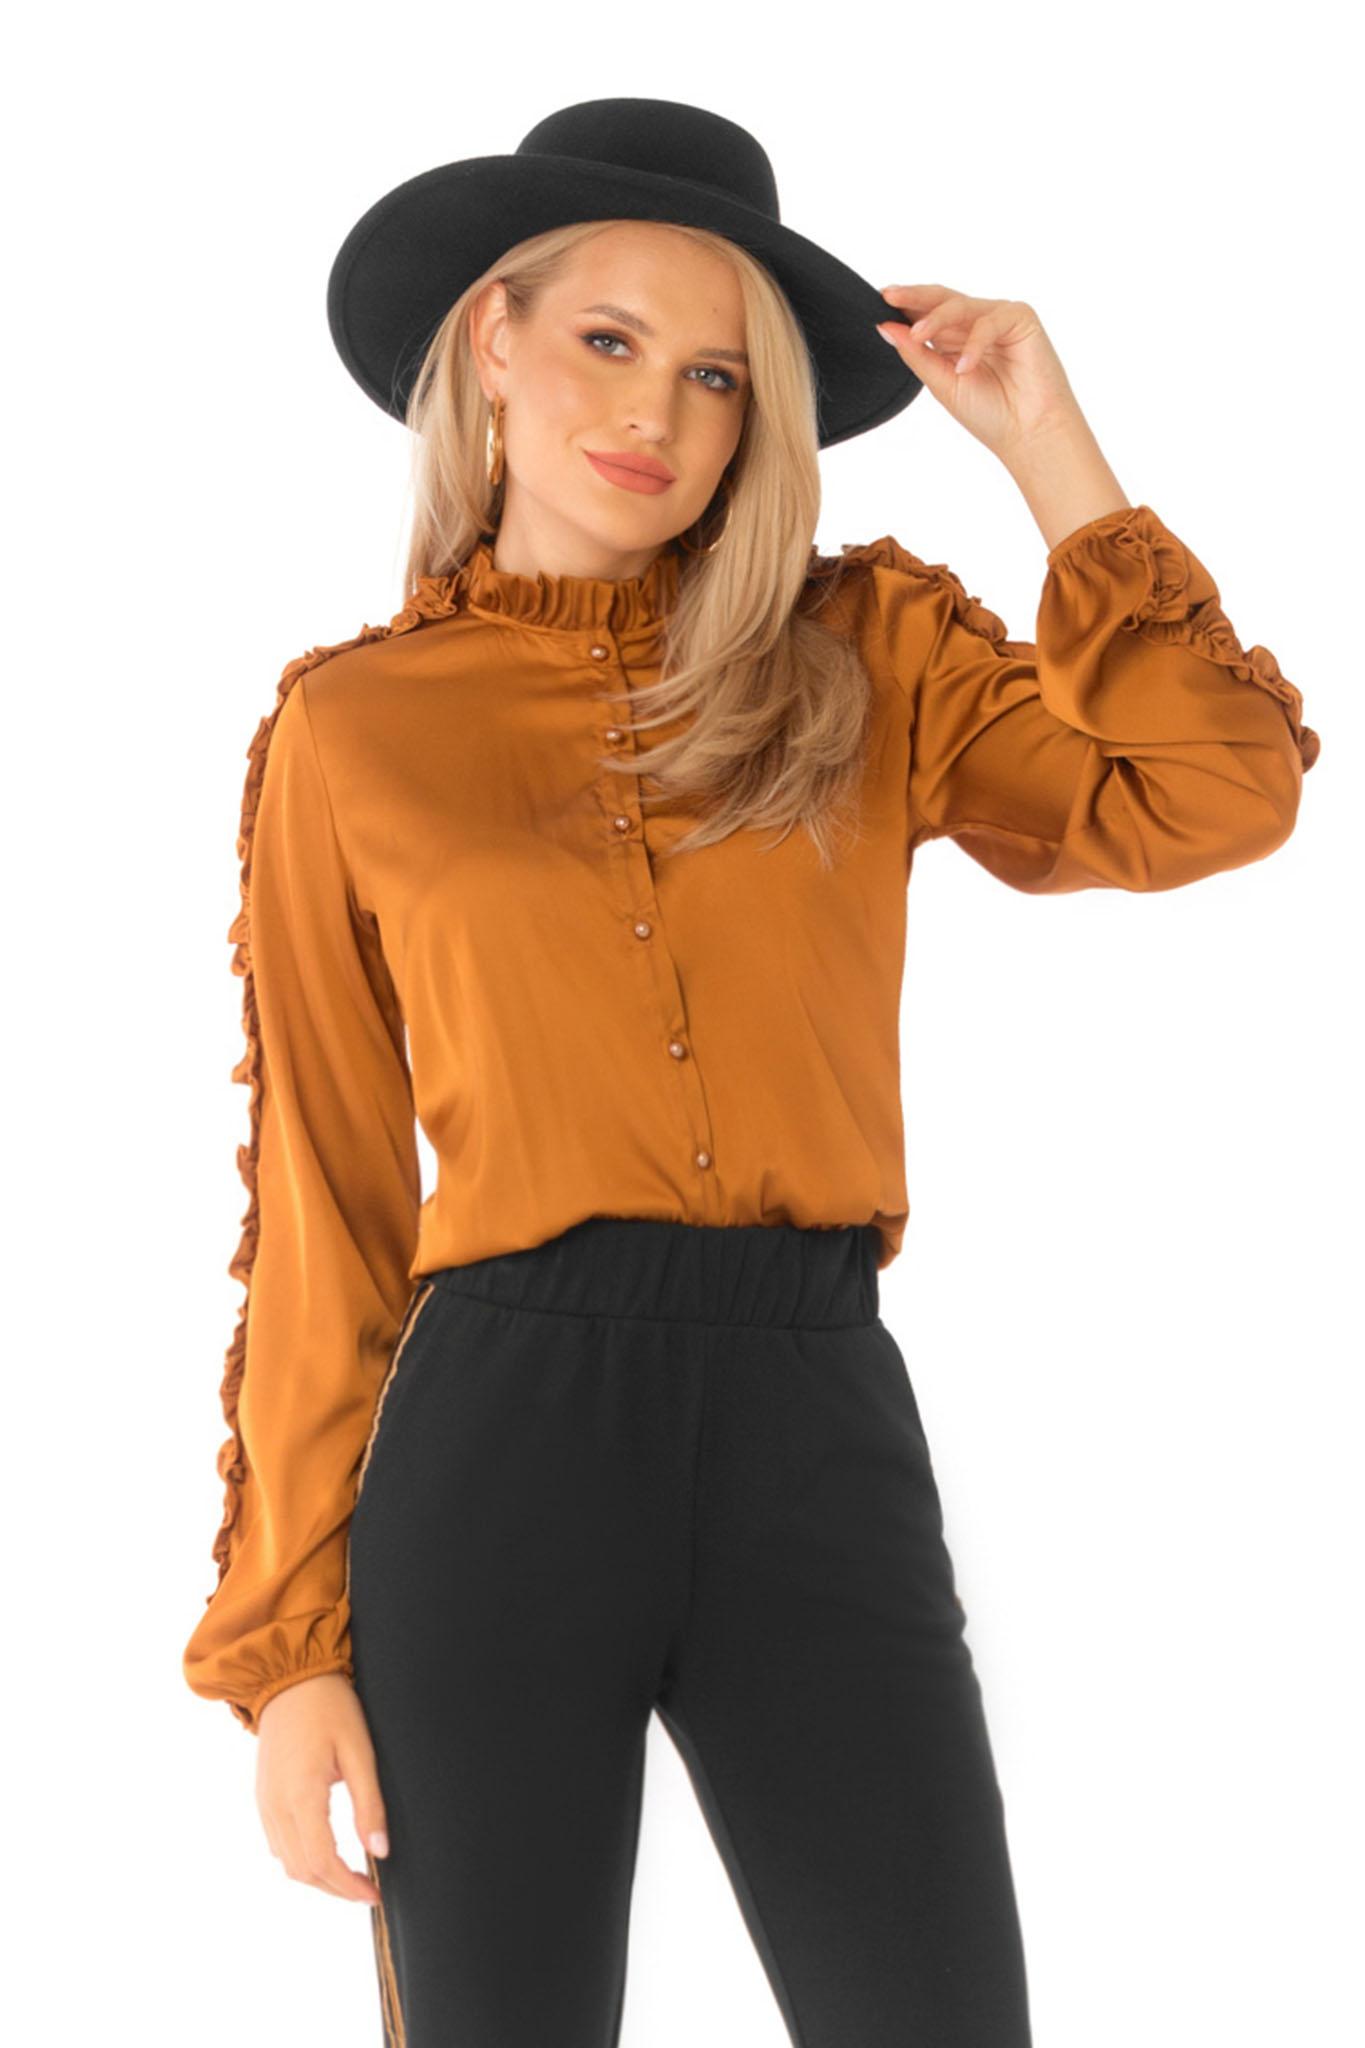 Téglaszínű elegáns bő ujjú bő szabású női ing szatén anyagból